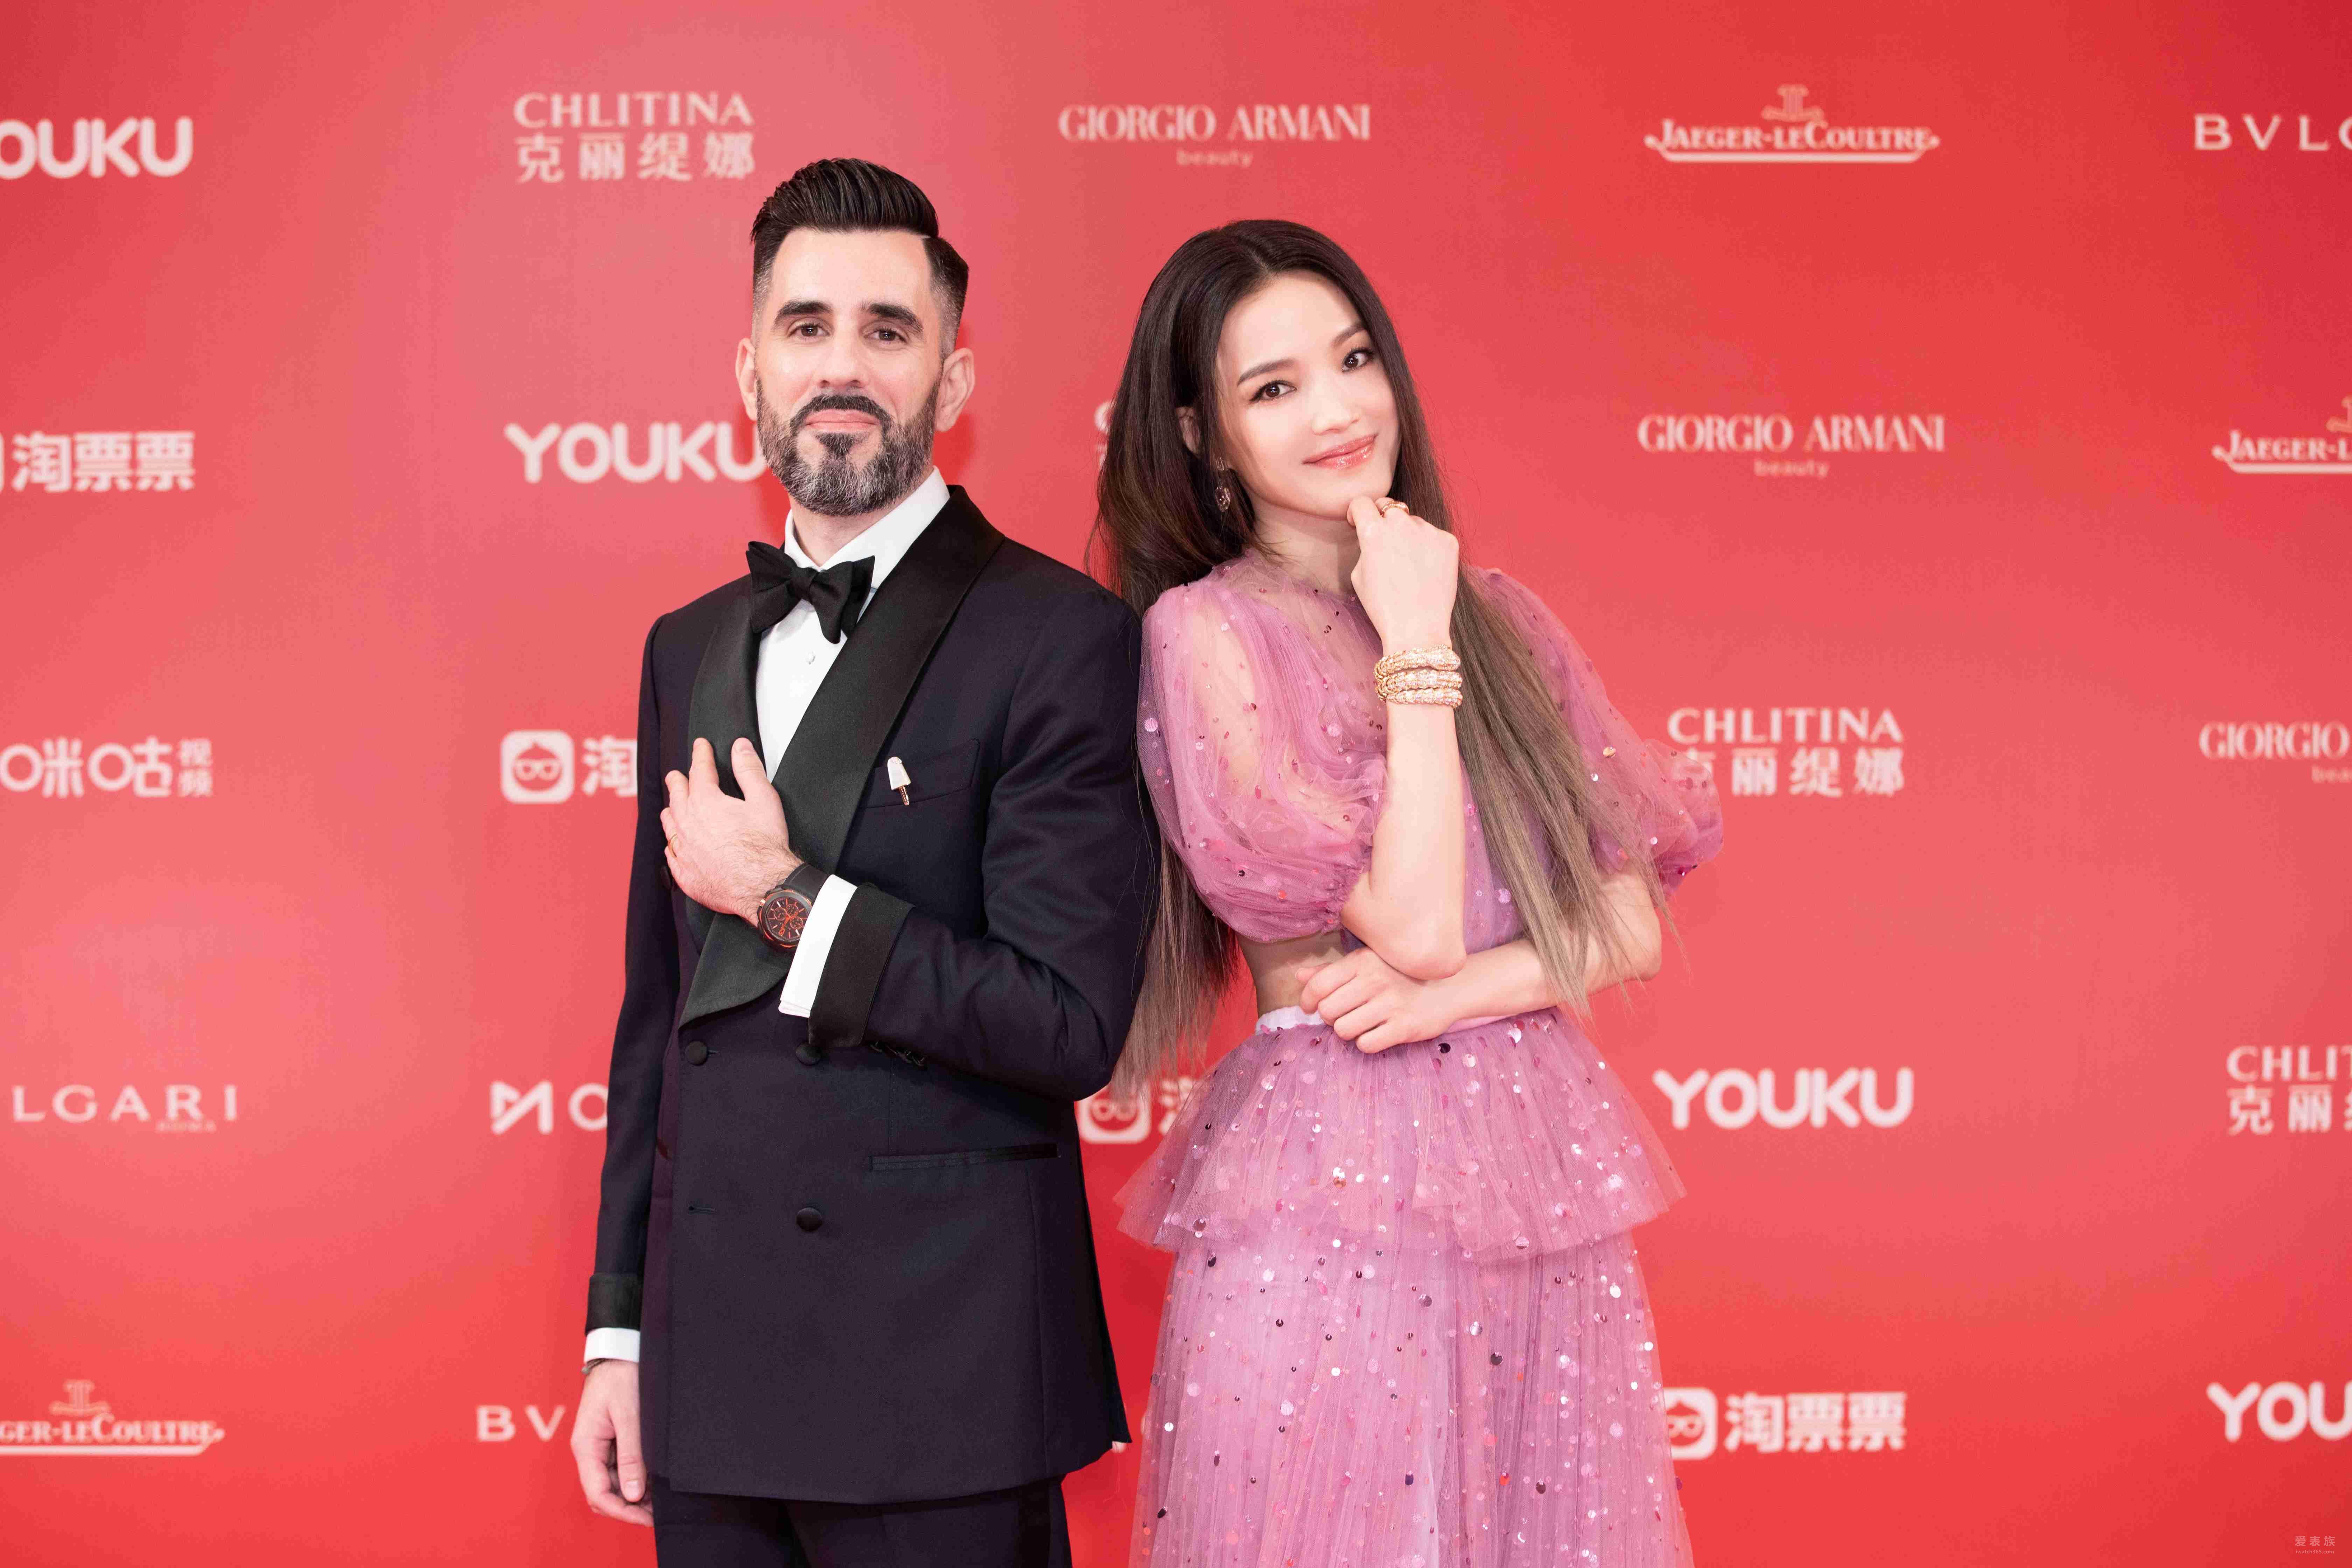 舒淇、佟麗婭、湯唯、姚晨等佩戴寶格麗 華彩閃耀第22屆上海國際電影節開幕式紅毯